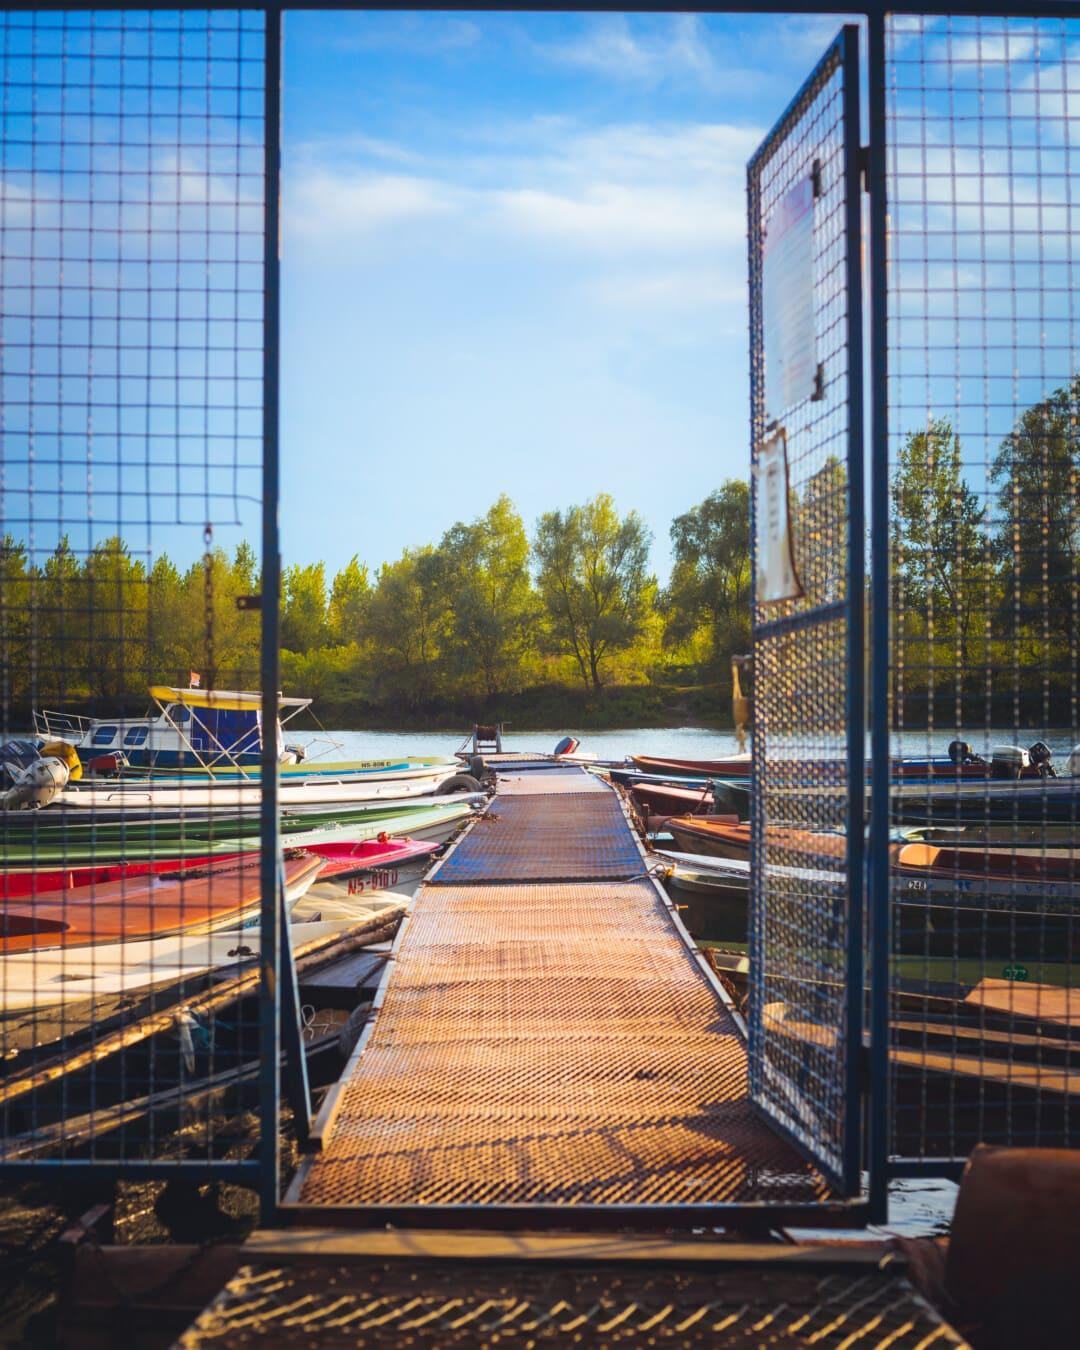 station d'accueil, heure d'été, port, rivière, bateau de rivière, berge, Porte, passerelle, clôture, barrière